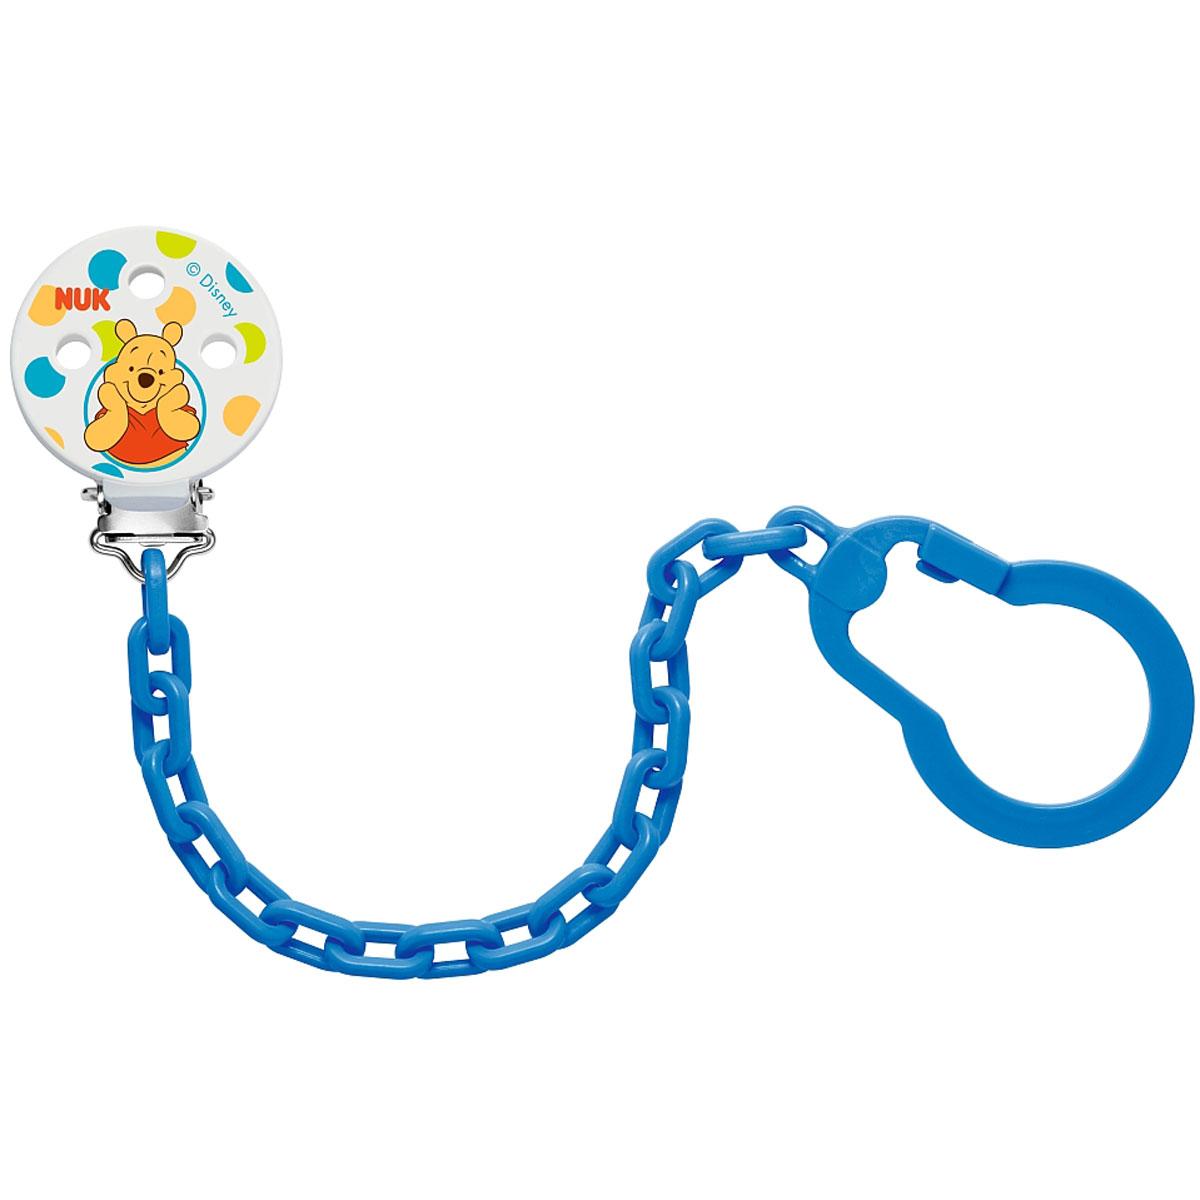 Клипса-держатель для пустышки NUK Disney, цвет: синий